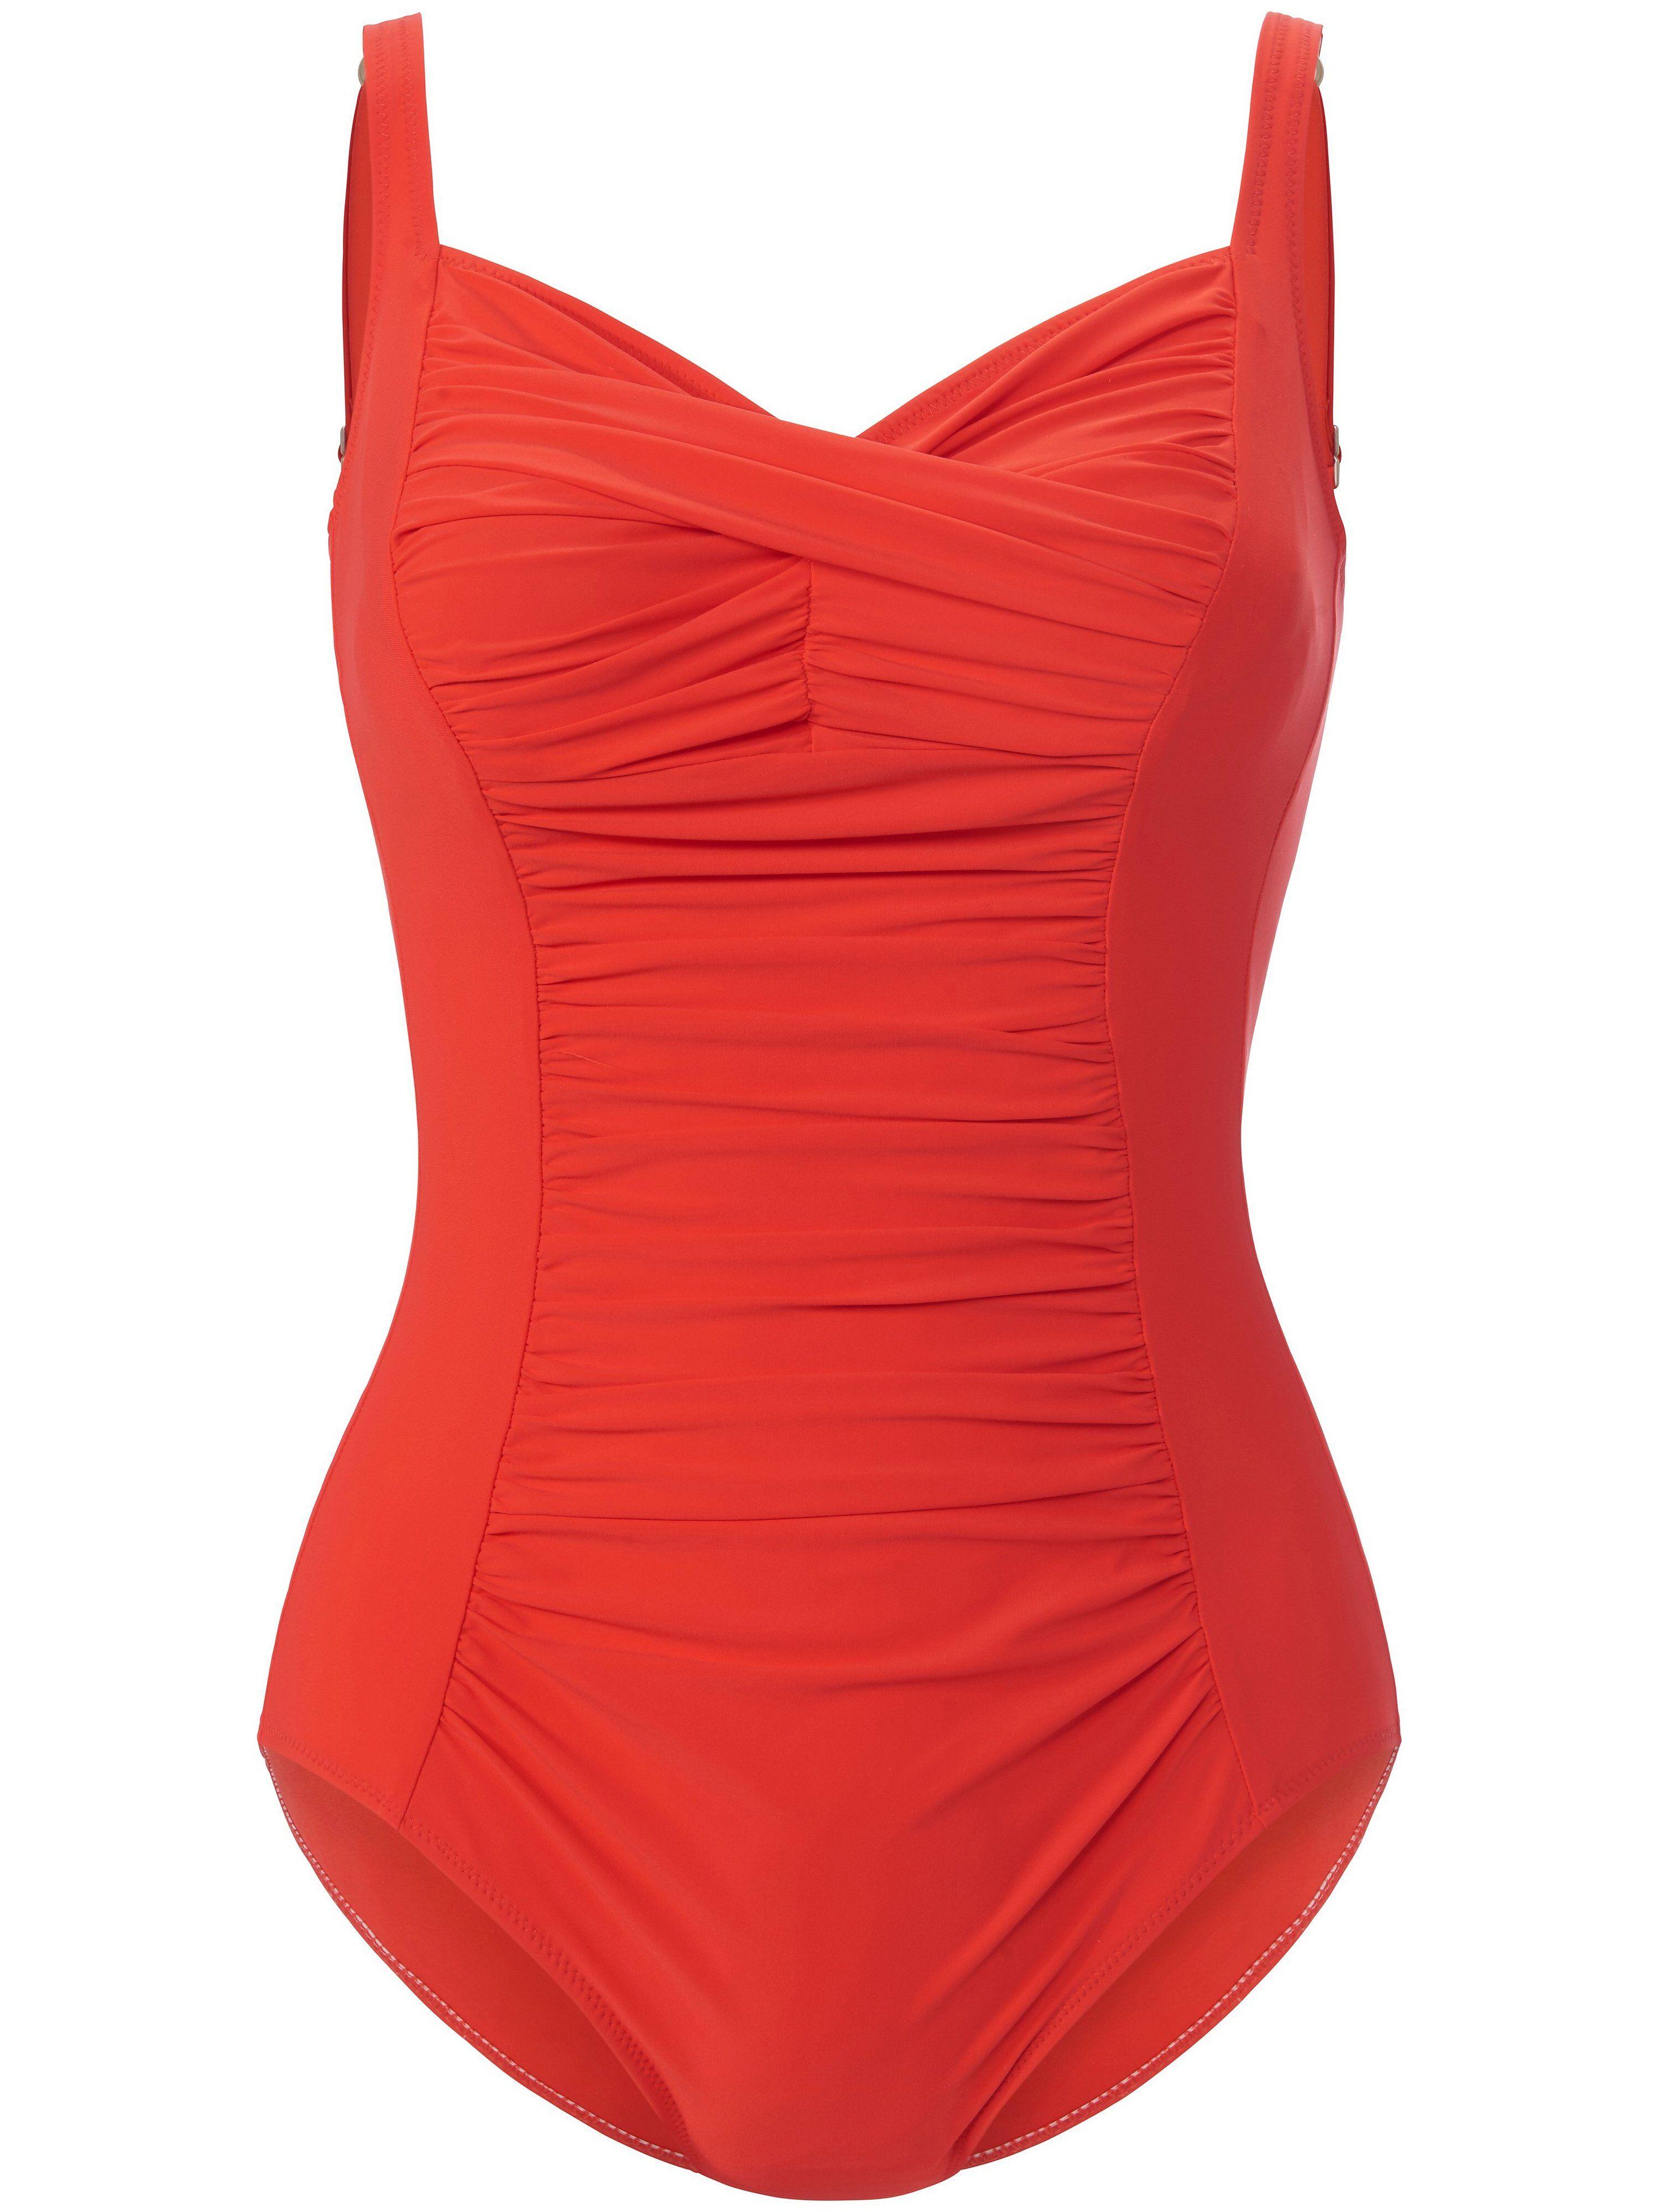 Anita Le maillot bain décolleté V  Anita rouge  - Femme - 42